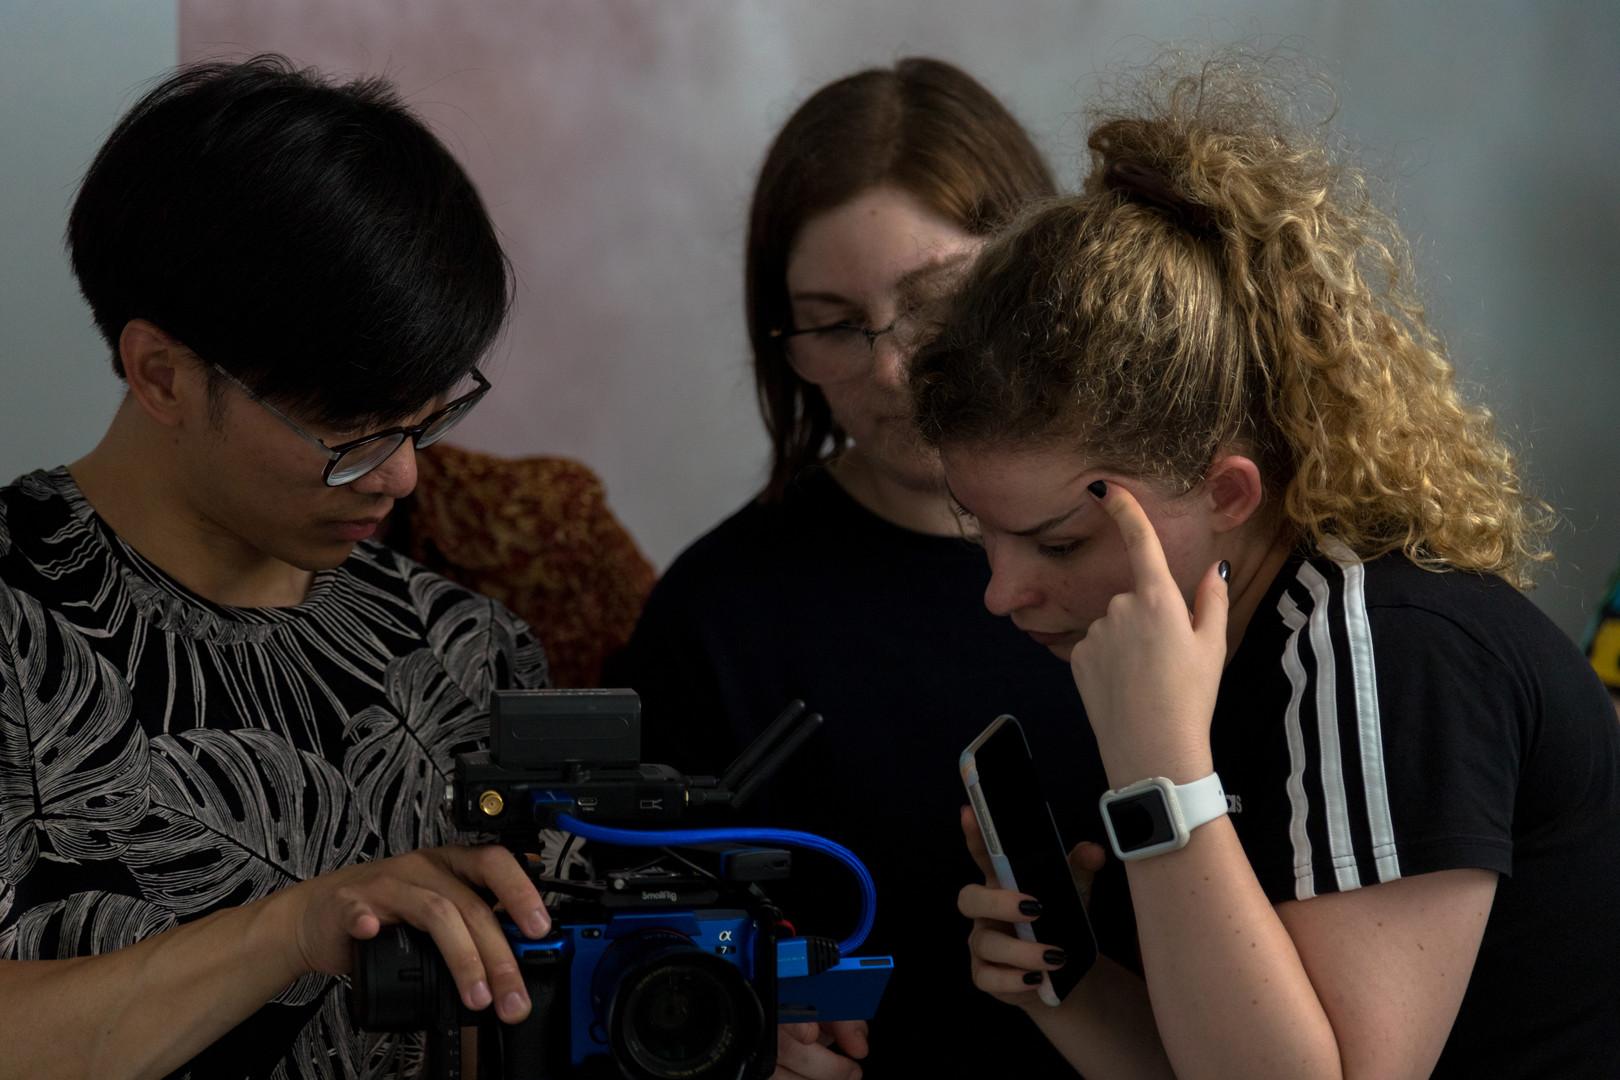 Watching playback - Amanda Kaye, Chris Chung and Ainsely Brosing